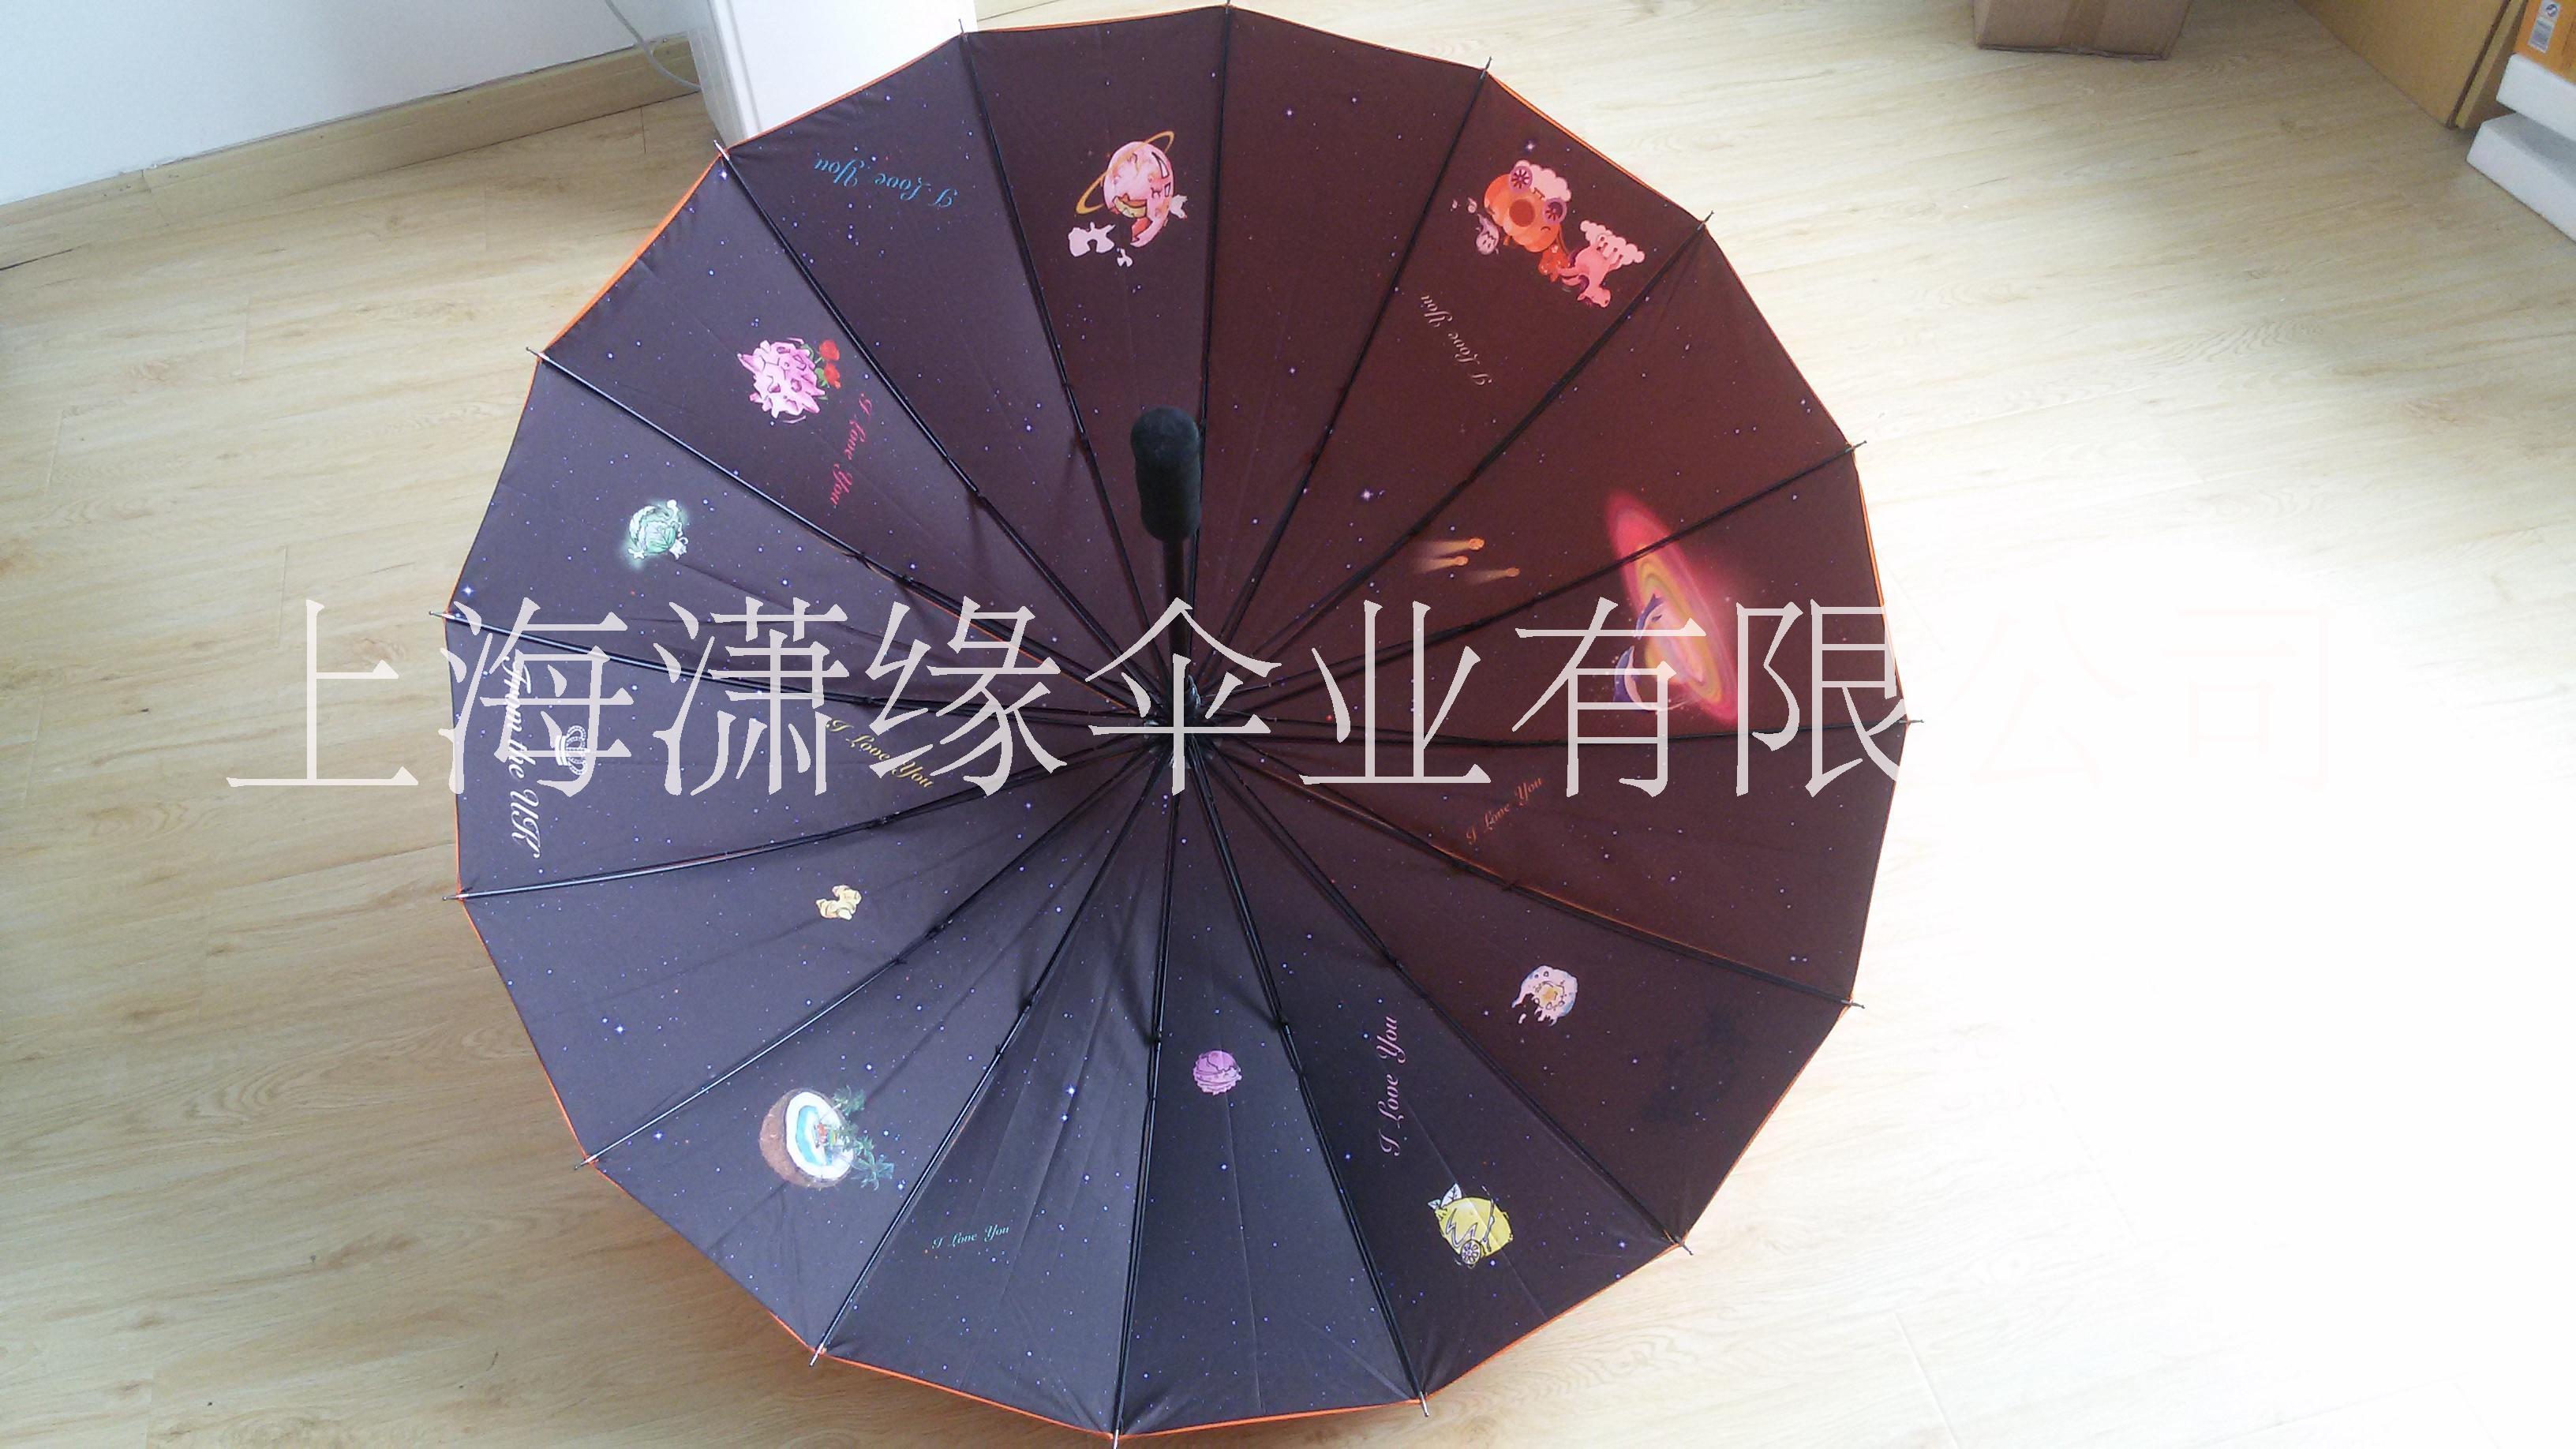 上海16骨广告伞厂 16骨广告礼品伞批发 16骨广告伞上海雨伞厂